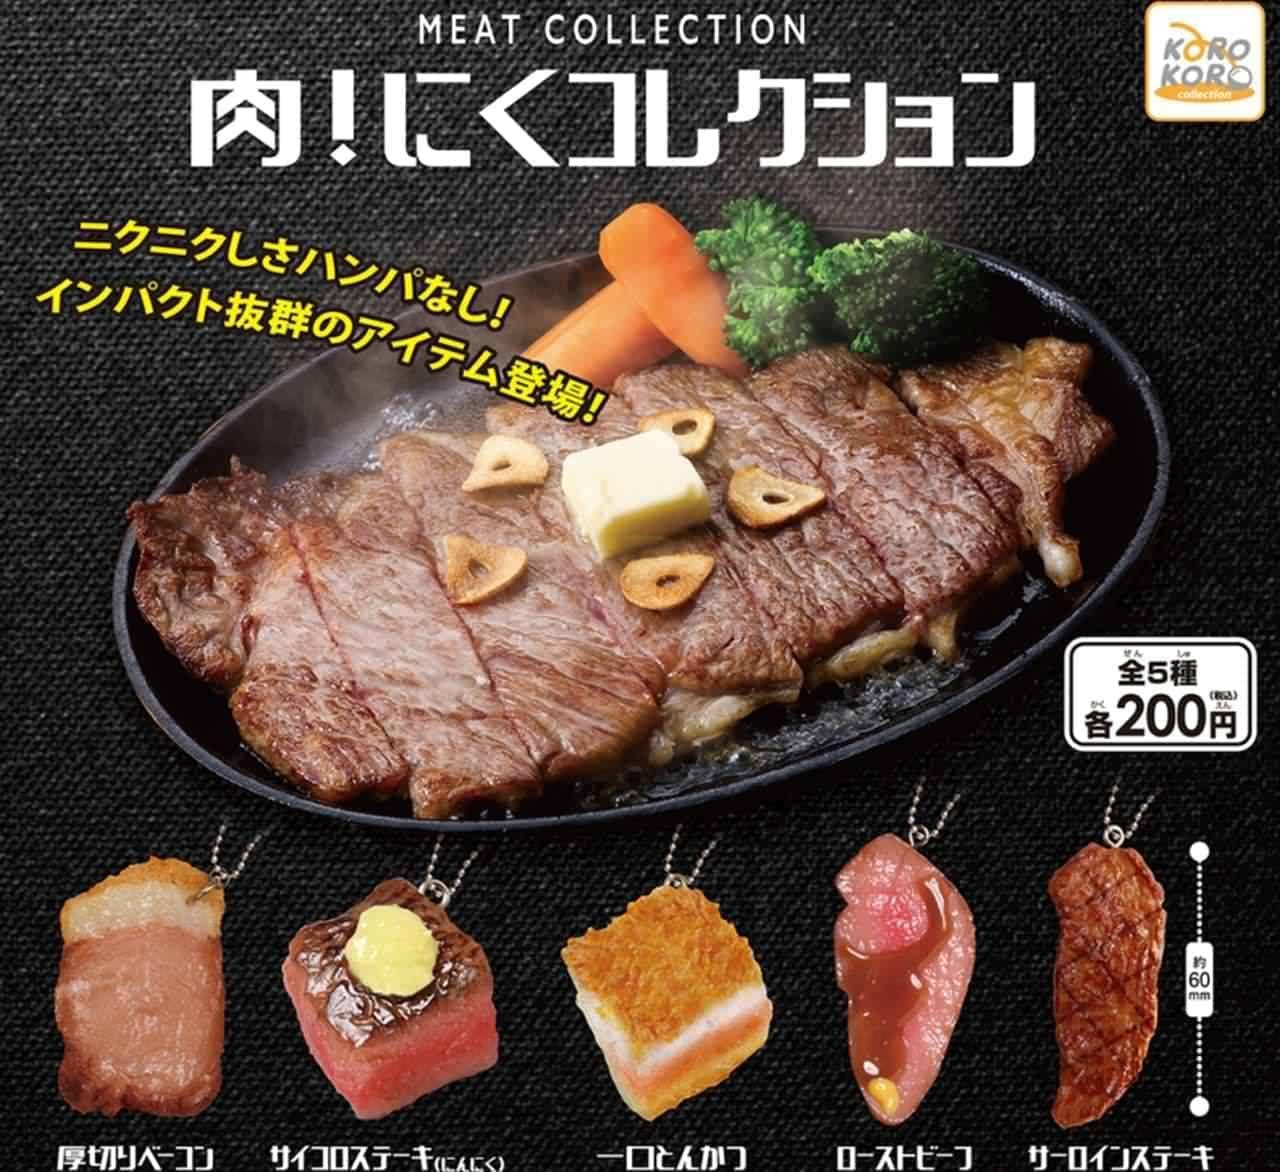 アイピーフォー「コロコロコレクション 肉!にくコレクション」